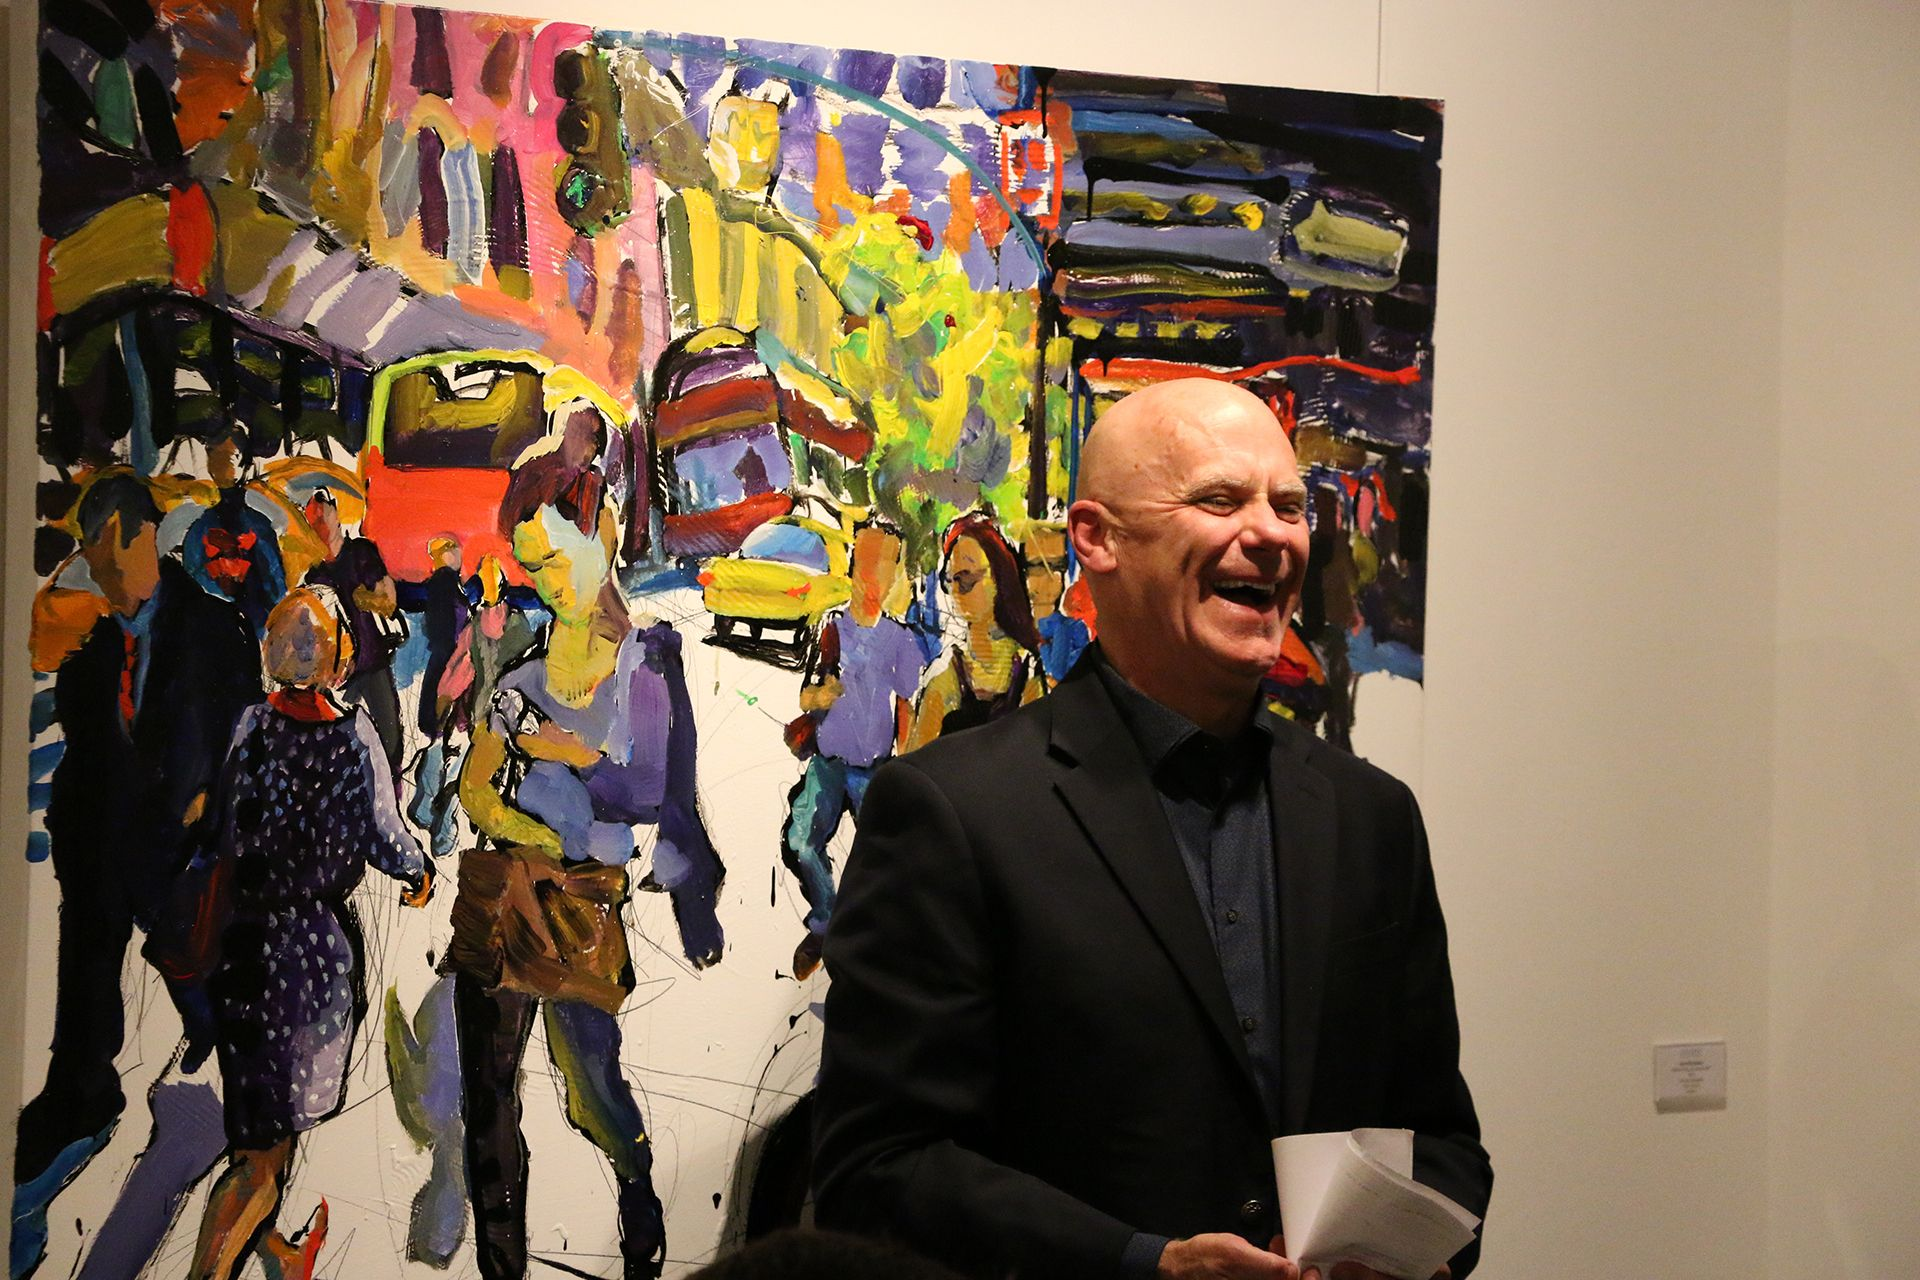 Art Vernissage Dinner Event At Galerie Barbara Von Stechow Tom S Dinner Event Vons